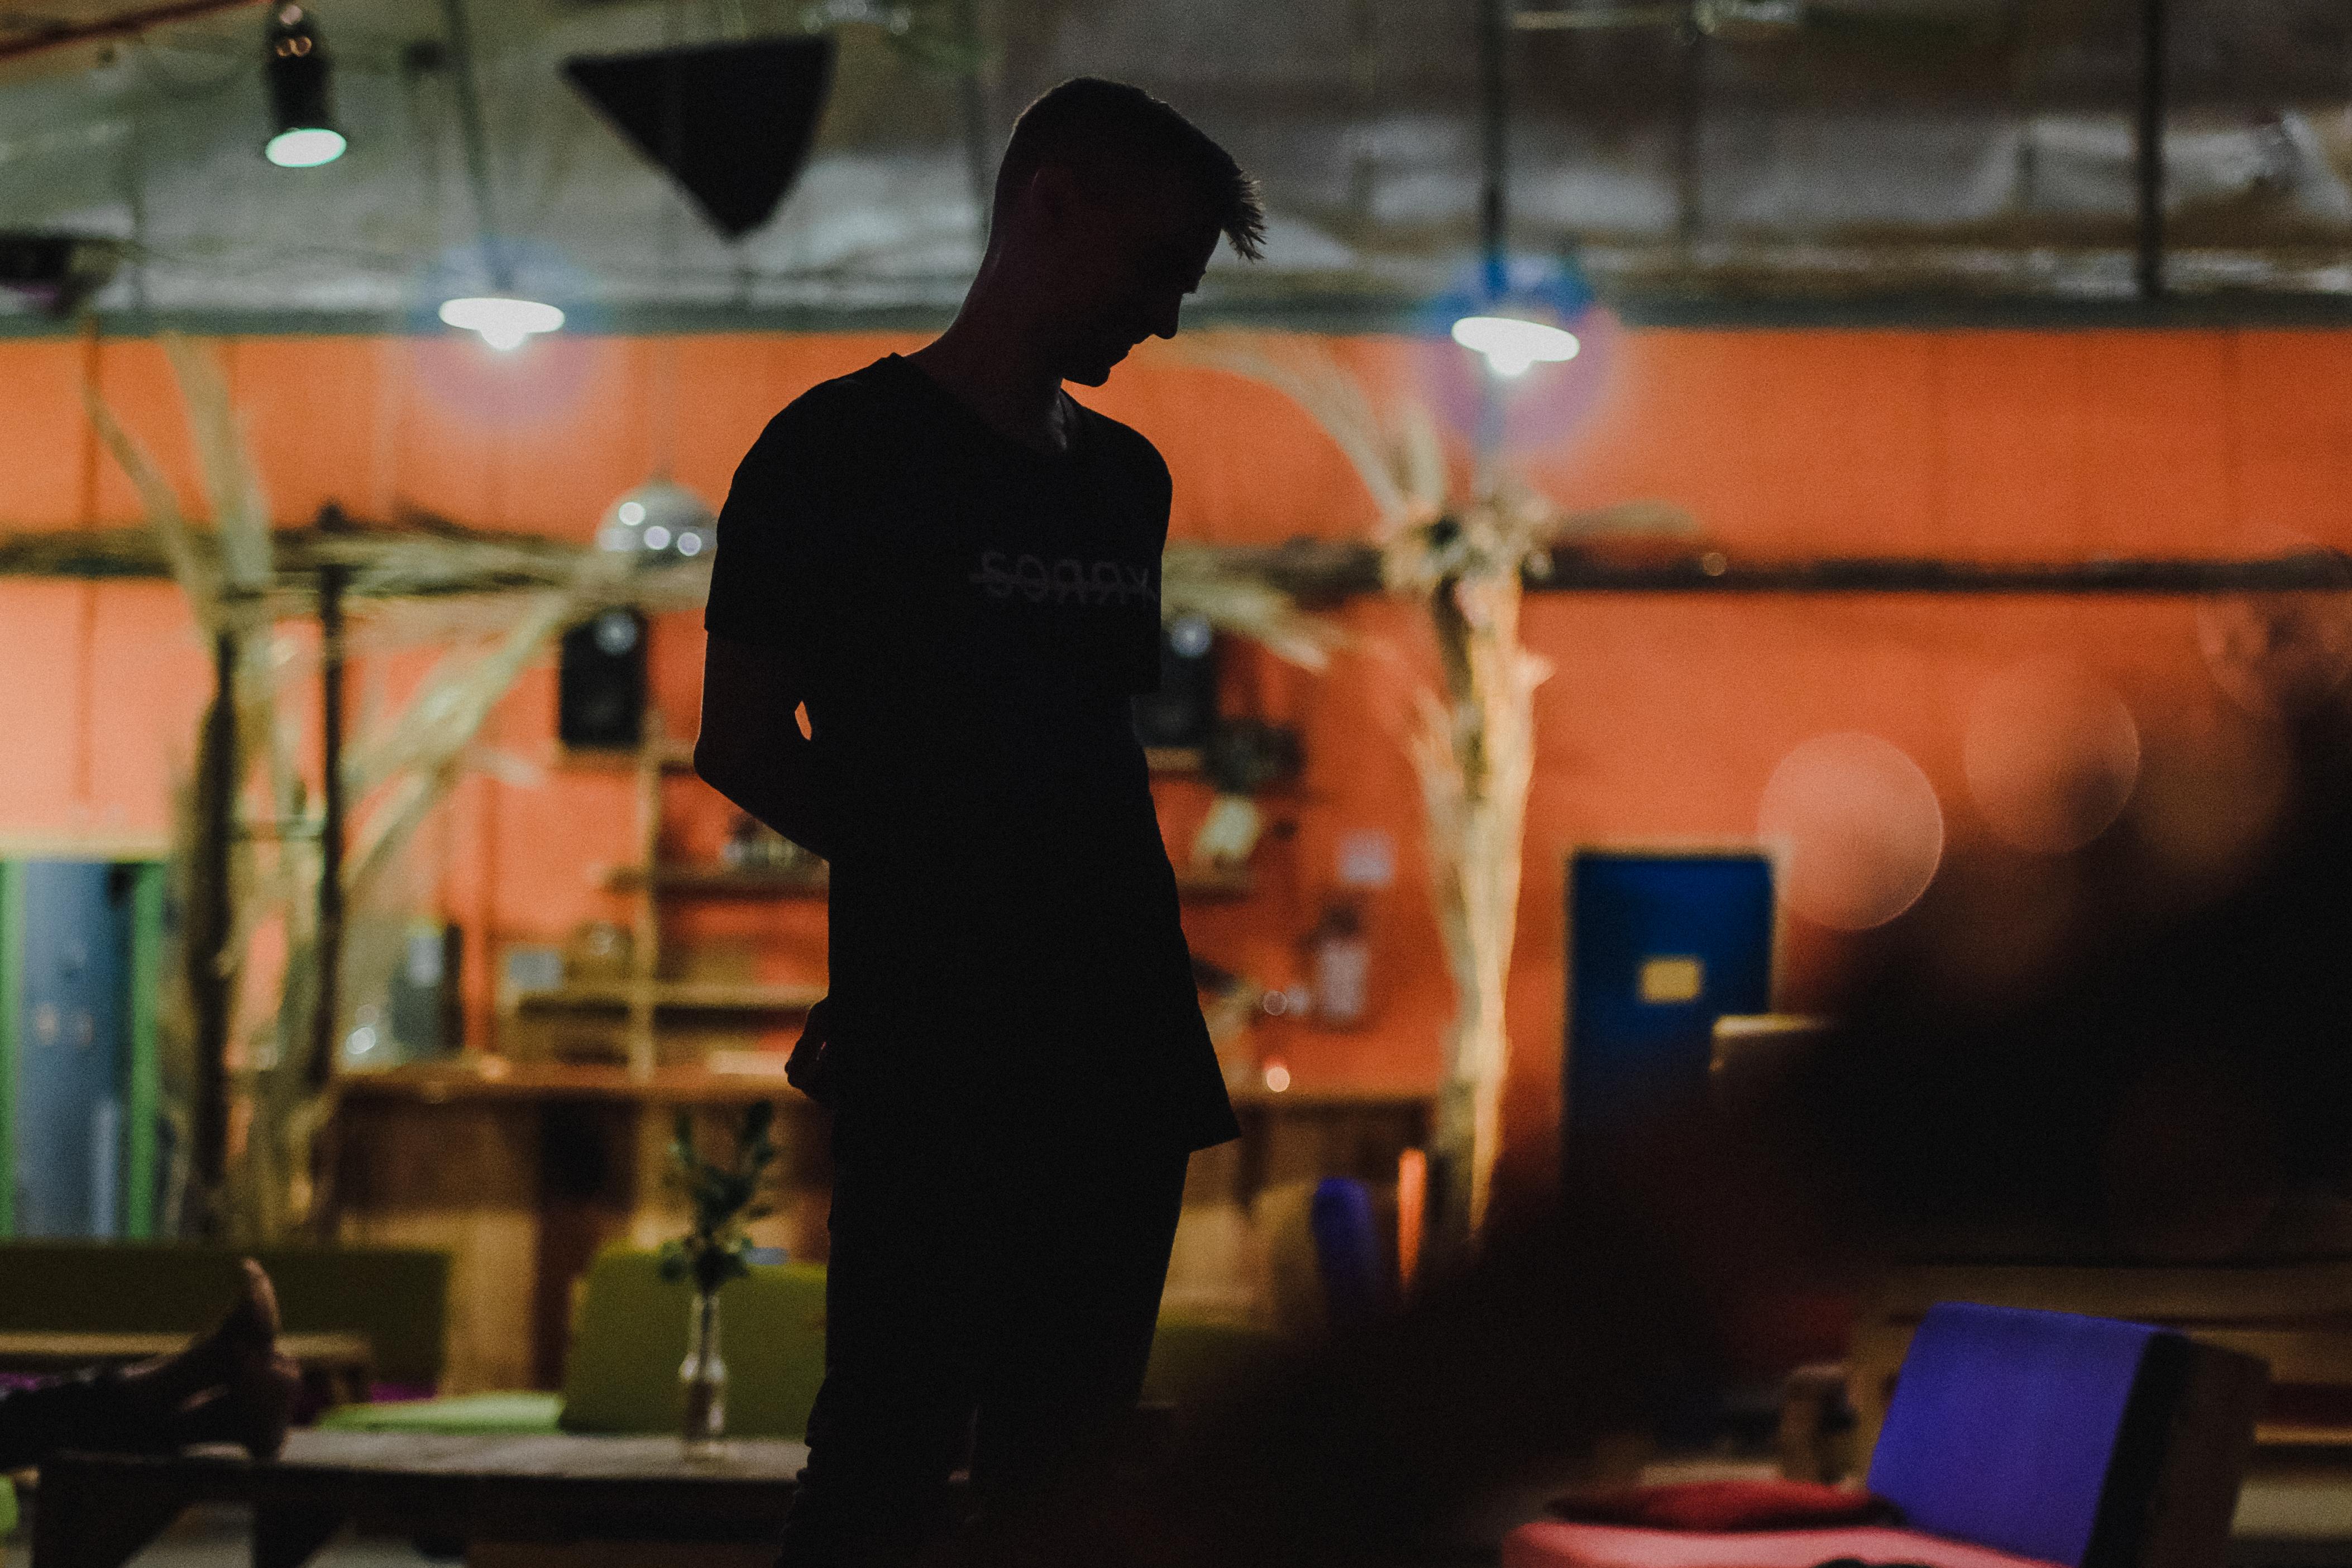 ערב - צילום של שאדי אבלאסי